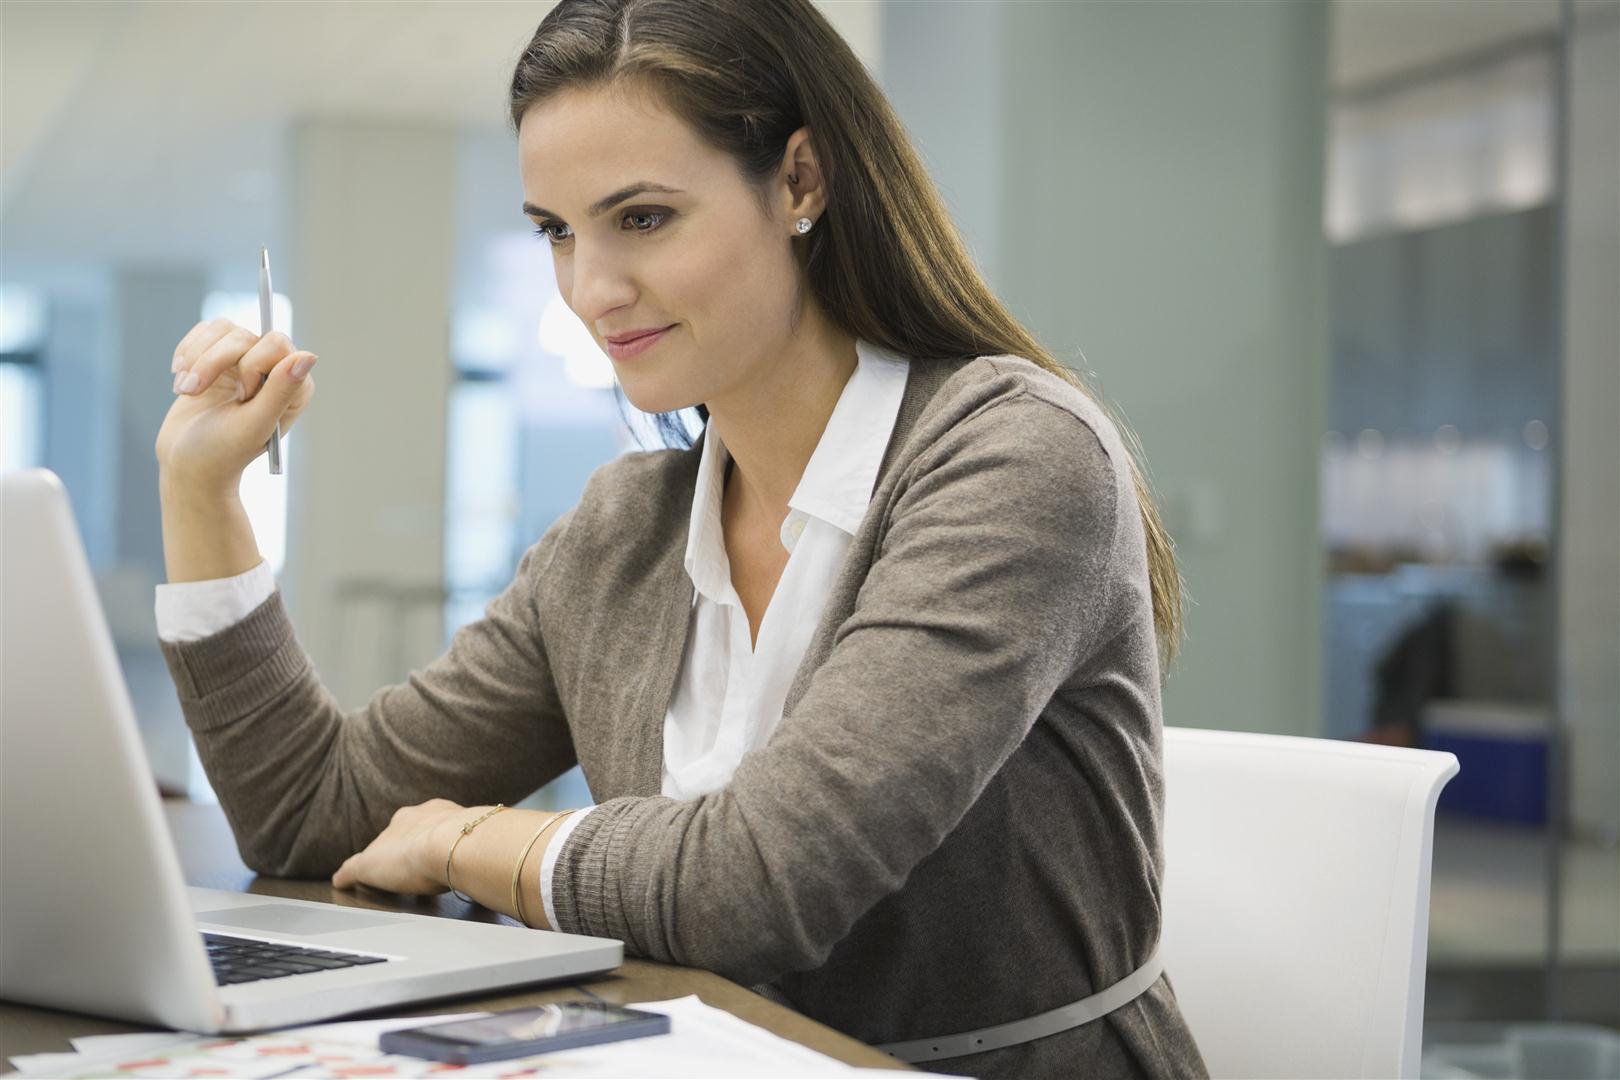 Lavoro: cresce la presenza femminile nei consigli d'amministrazione